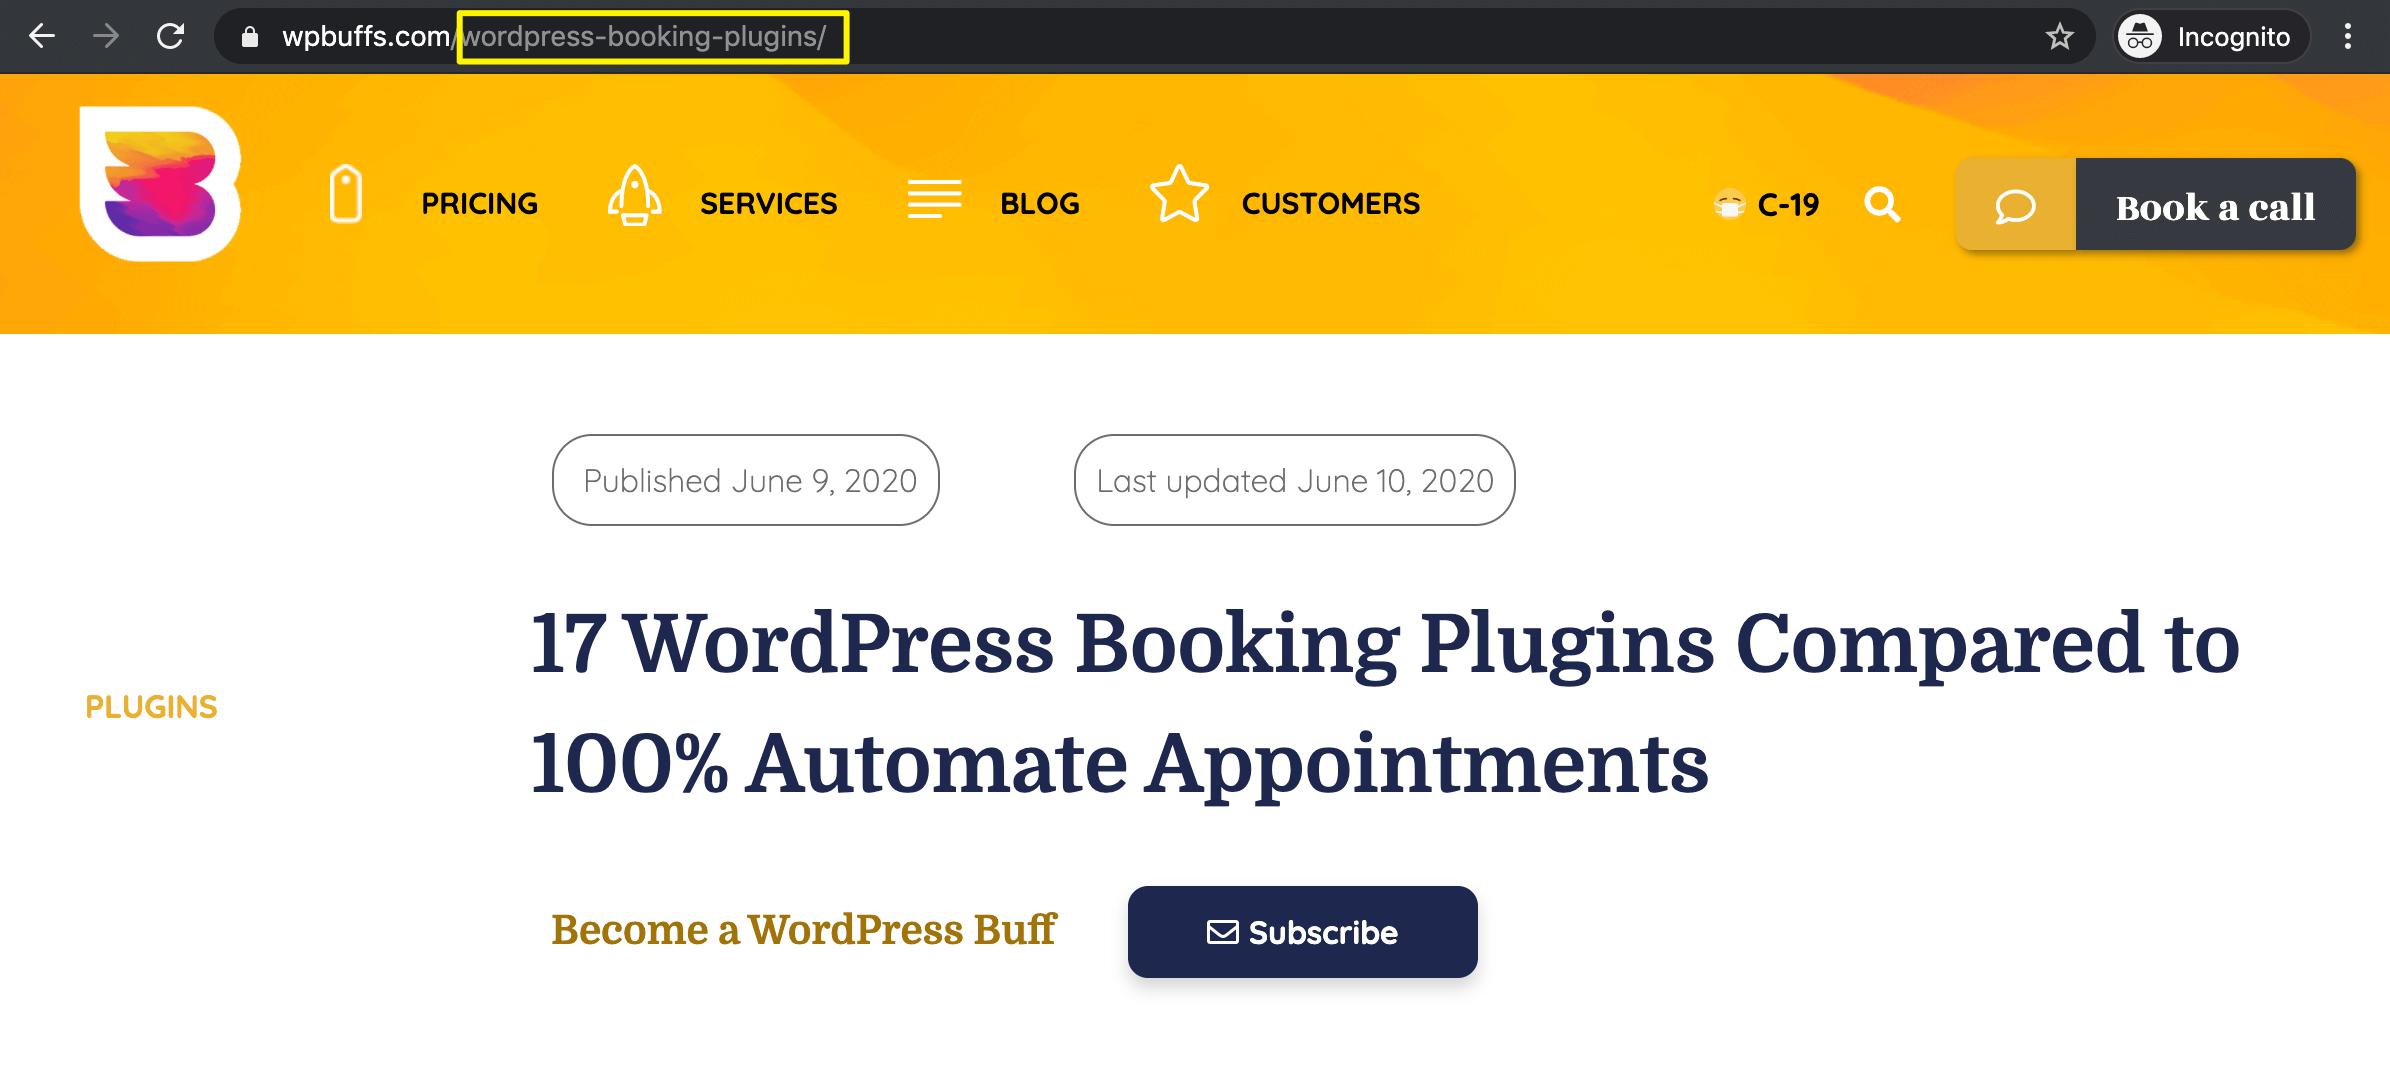 A short WordPress slug.